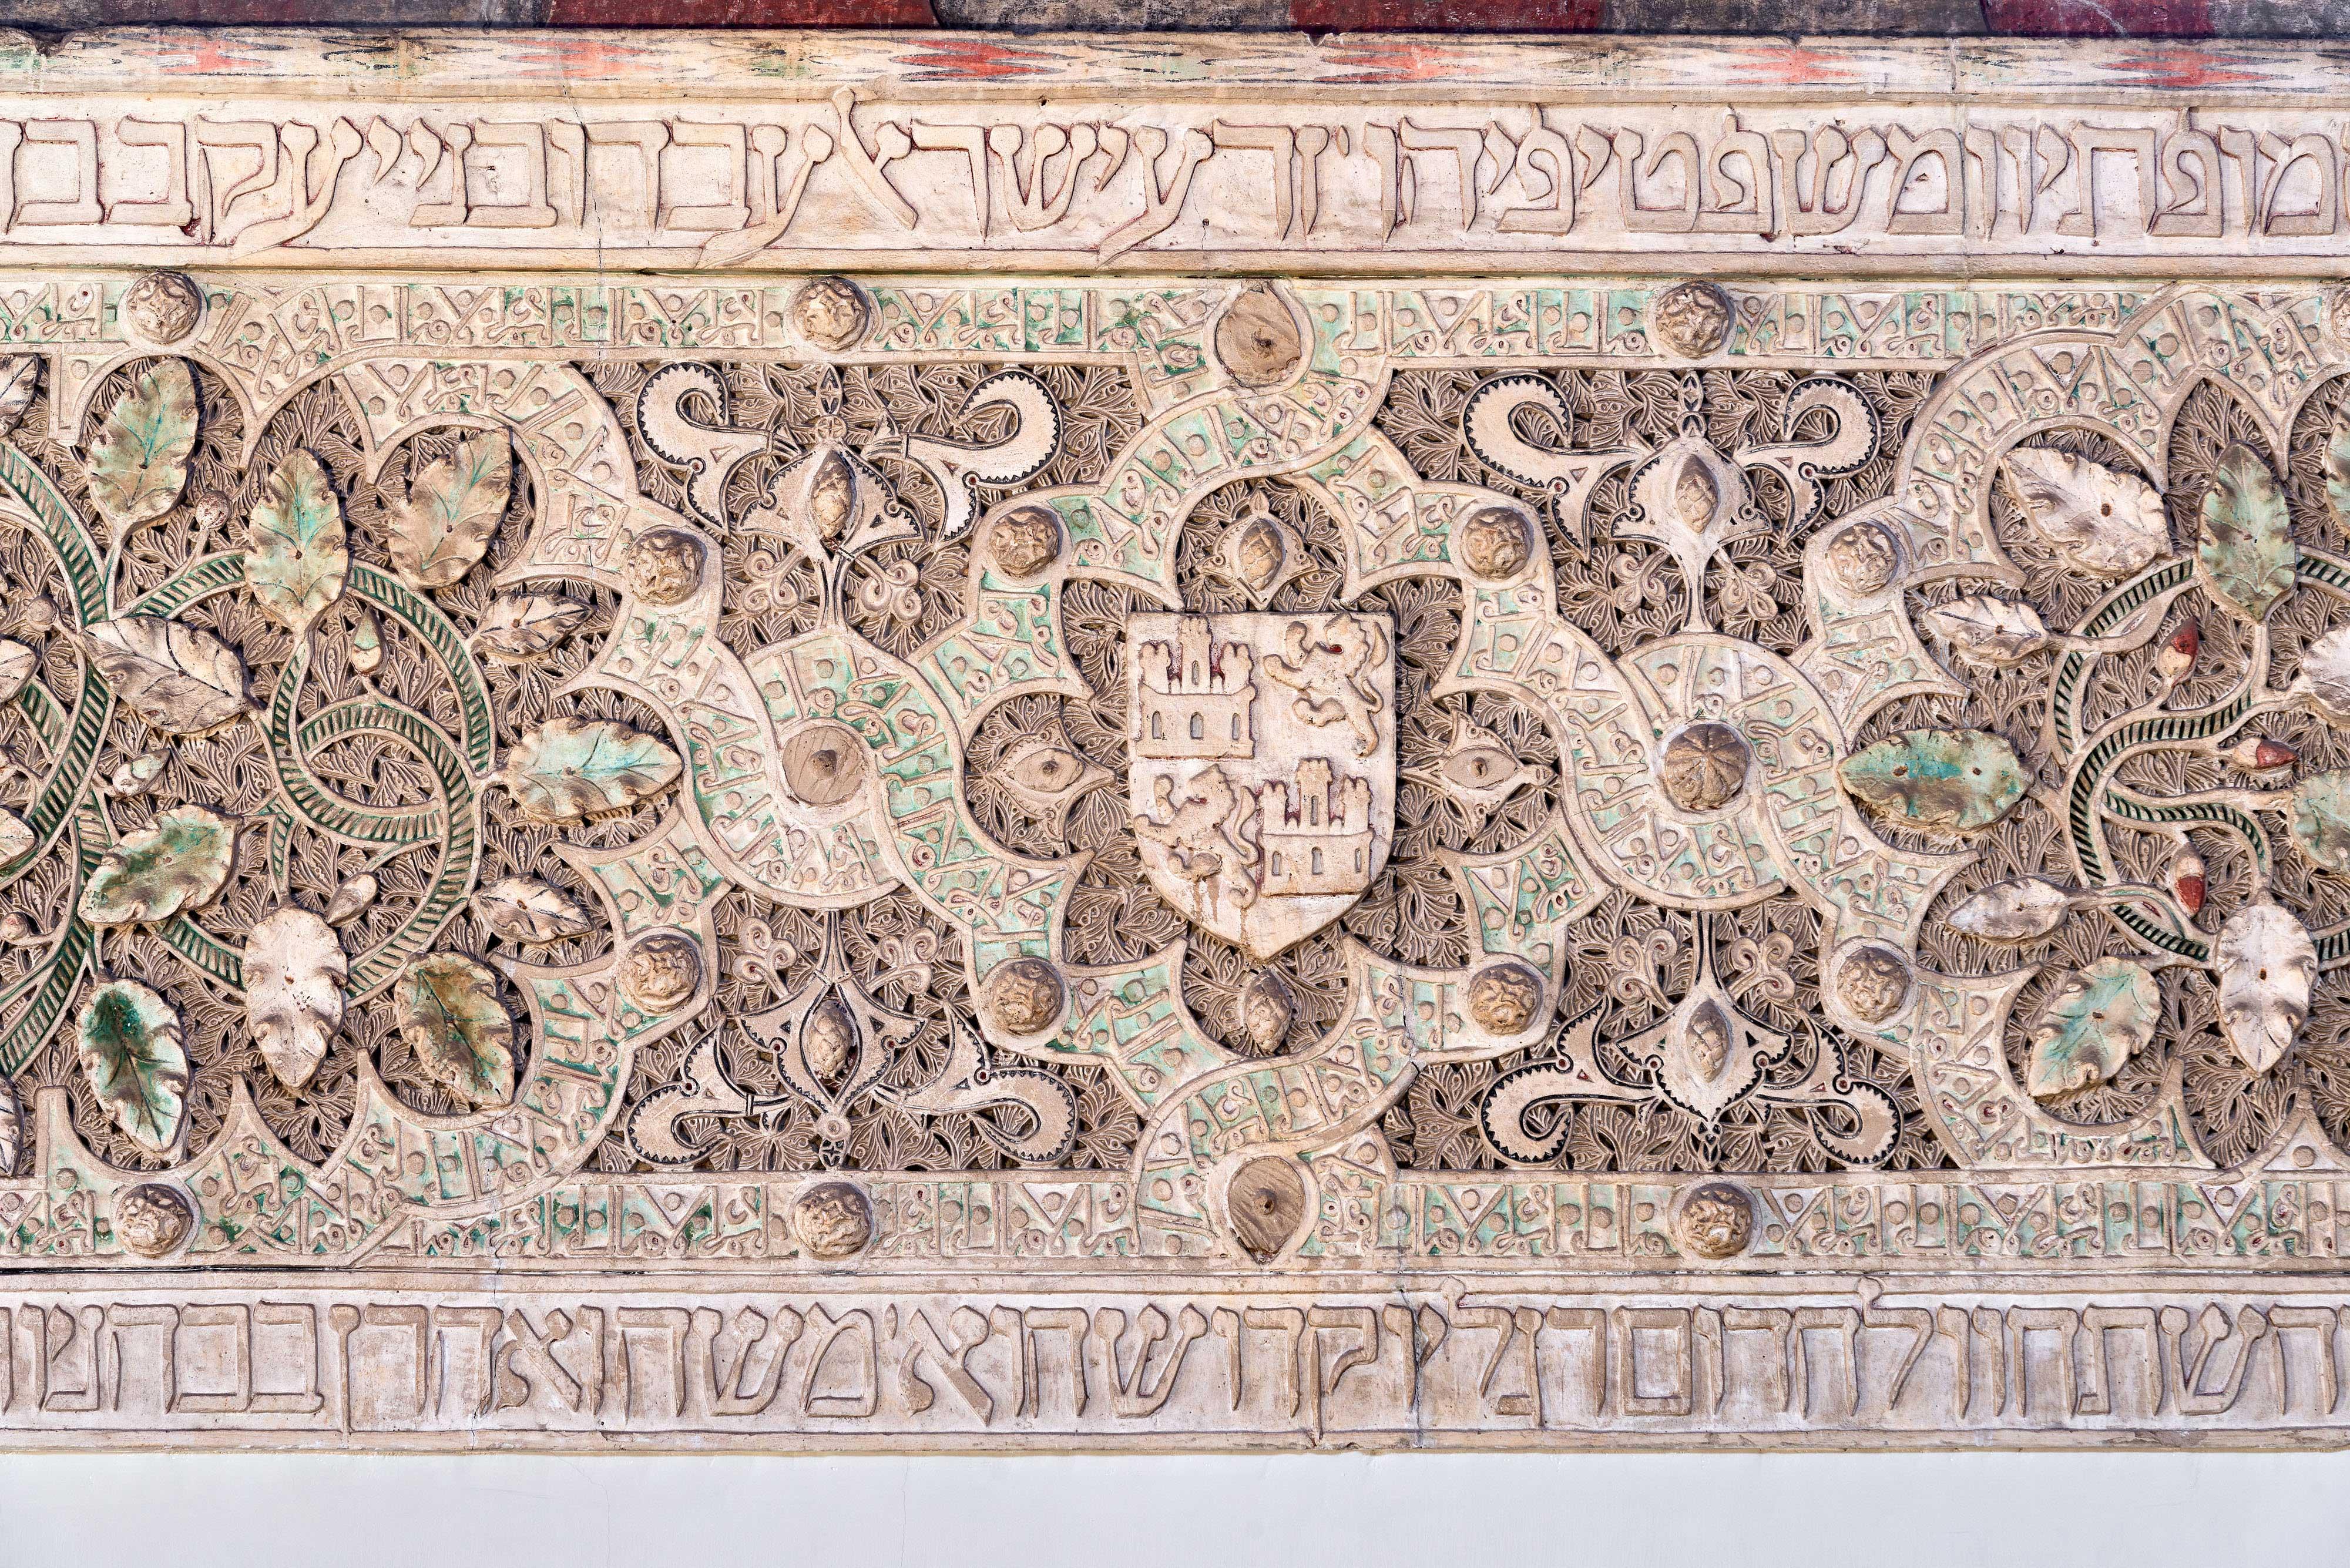 Toledo - Inscripciones sinagoga